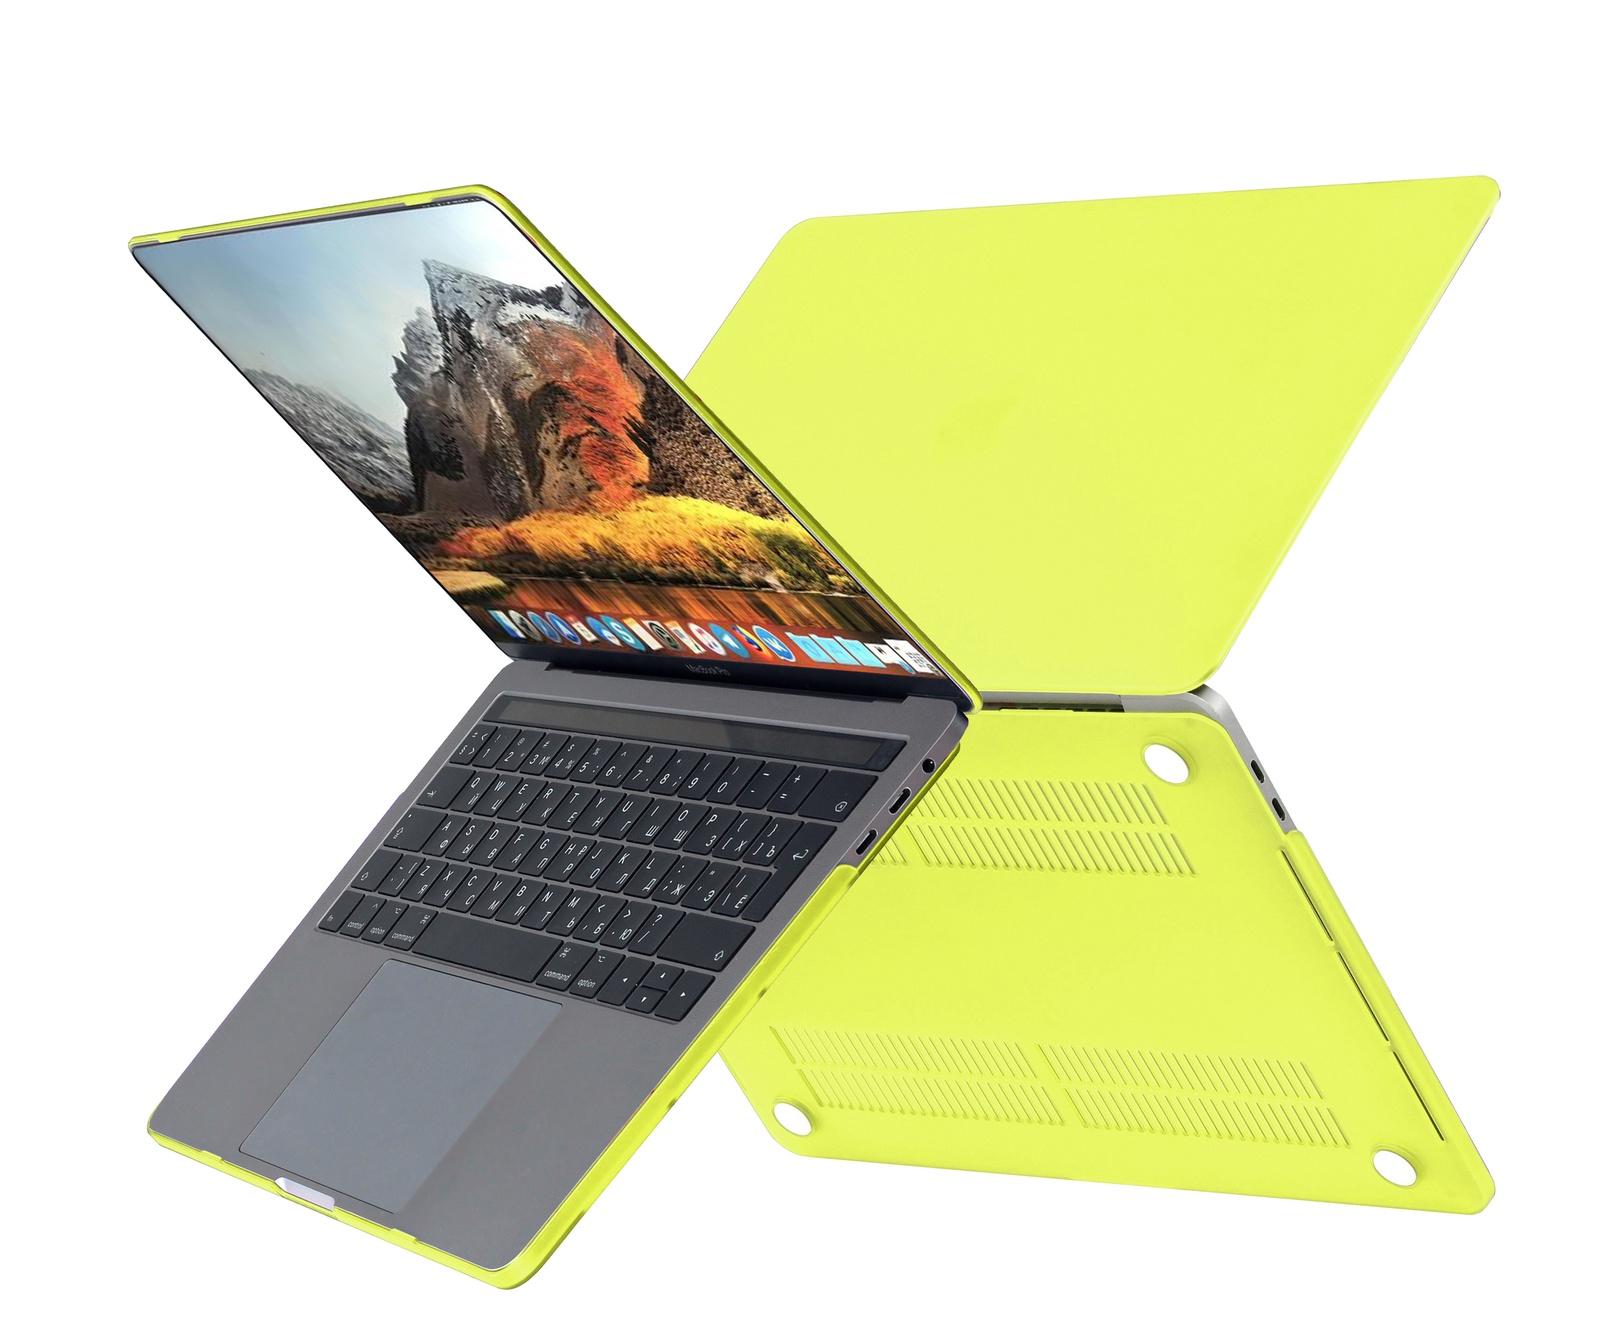 цена на Чехол HardShell Case для Macbook Pro 15 Retina, желтый